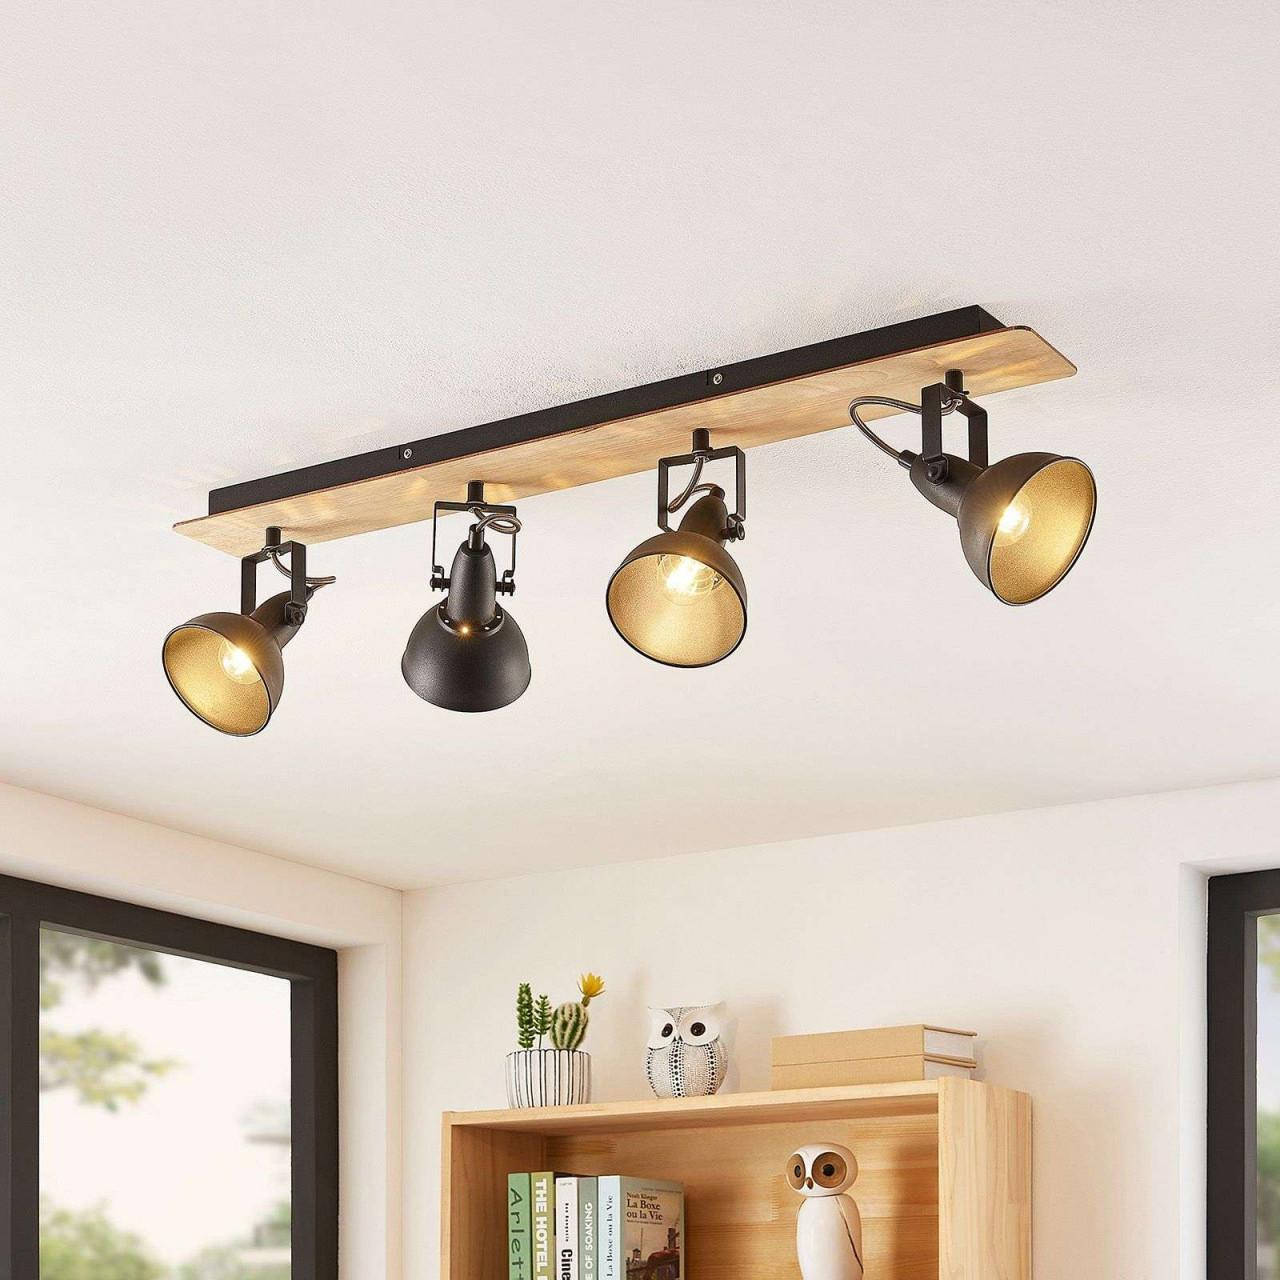 Möbel Schilder  Dekoration Decken Lampe Holz Wohnzimmer von Wohnzimmer Lampe Holz Photo